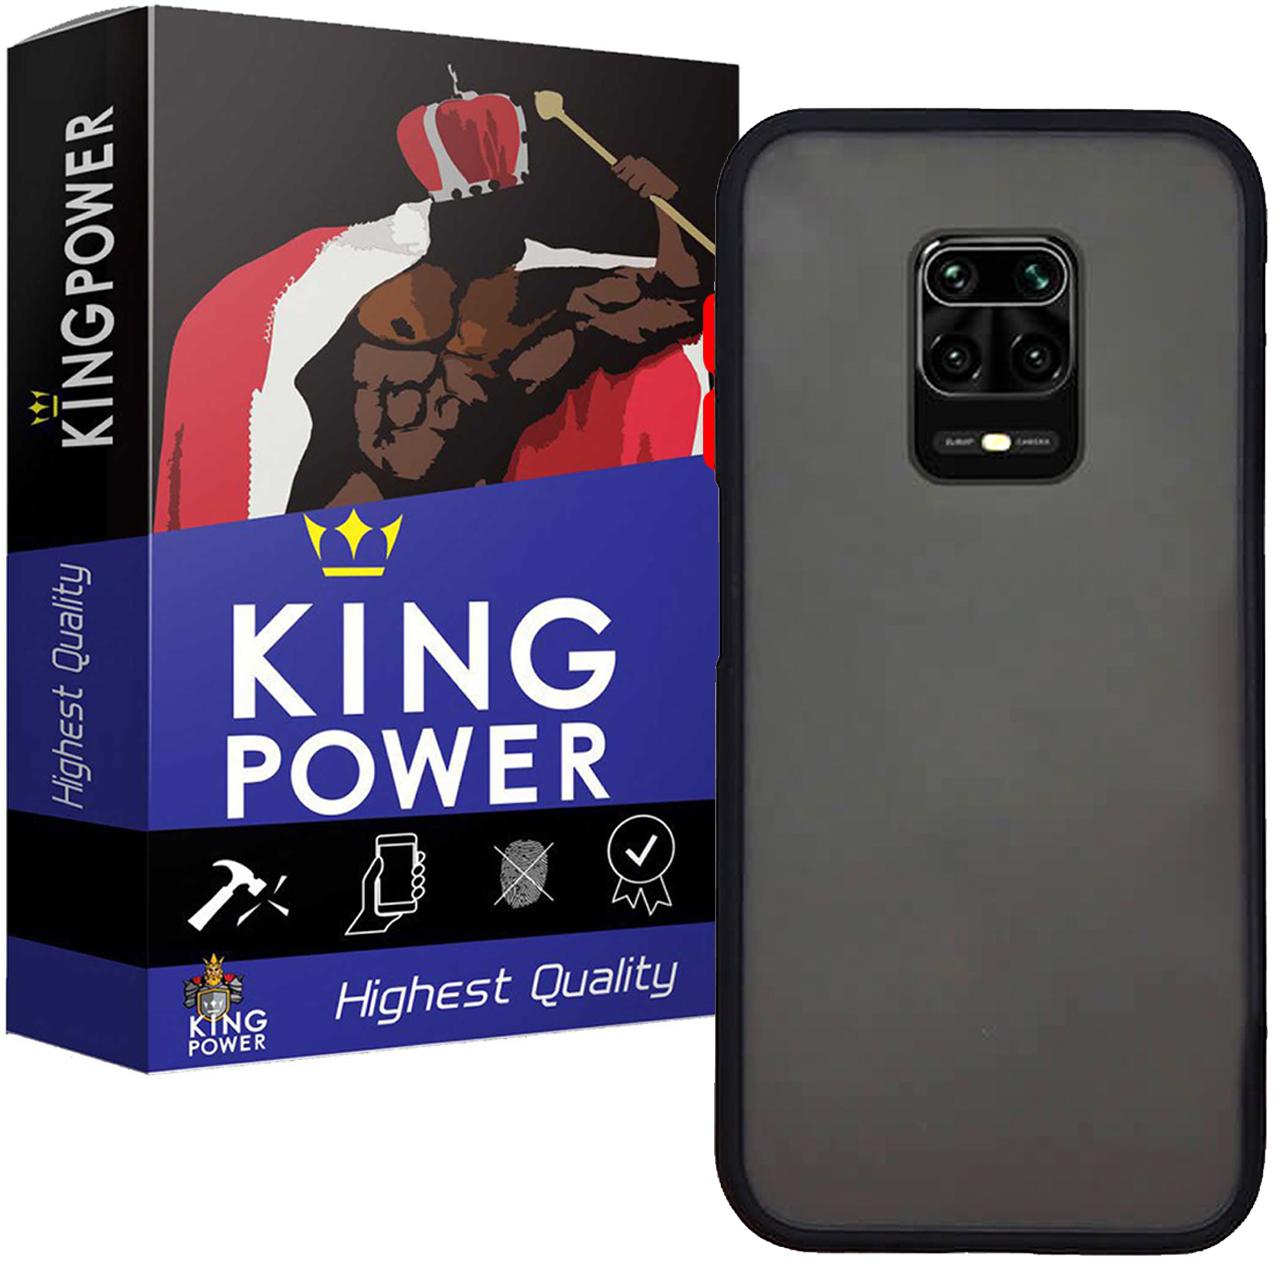 کاور کینگ پاور مدل M22 مناسب برای گوشی موبایل شیائومی Redmi Note 9S / Note 9 Pro / Note 9 Pro Max              ( قیمت و خرید)